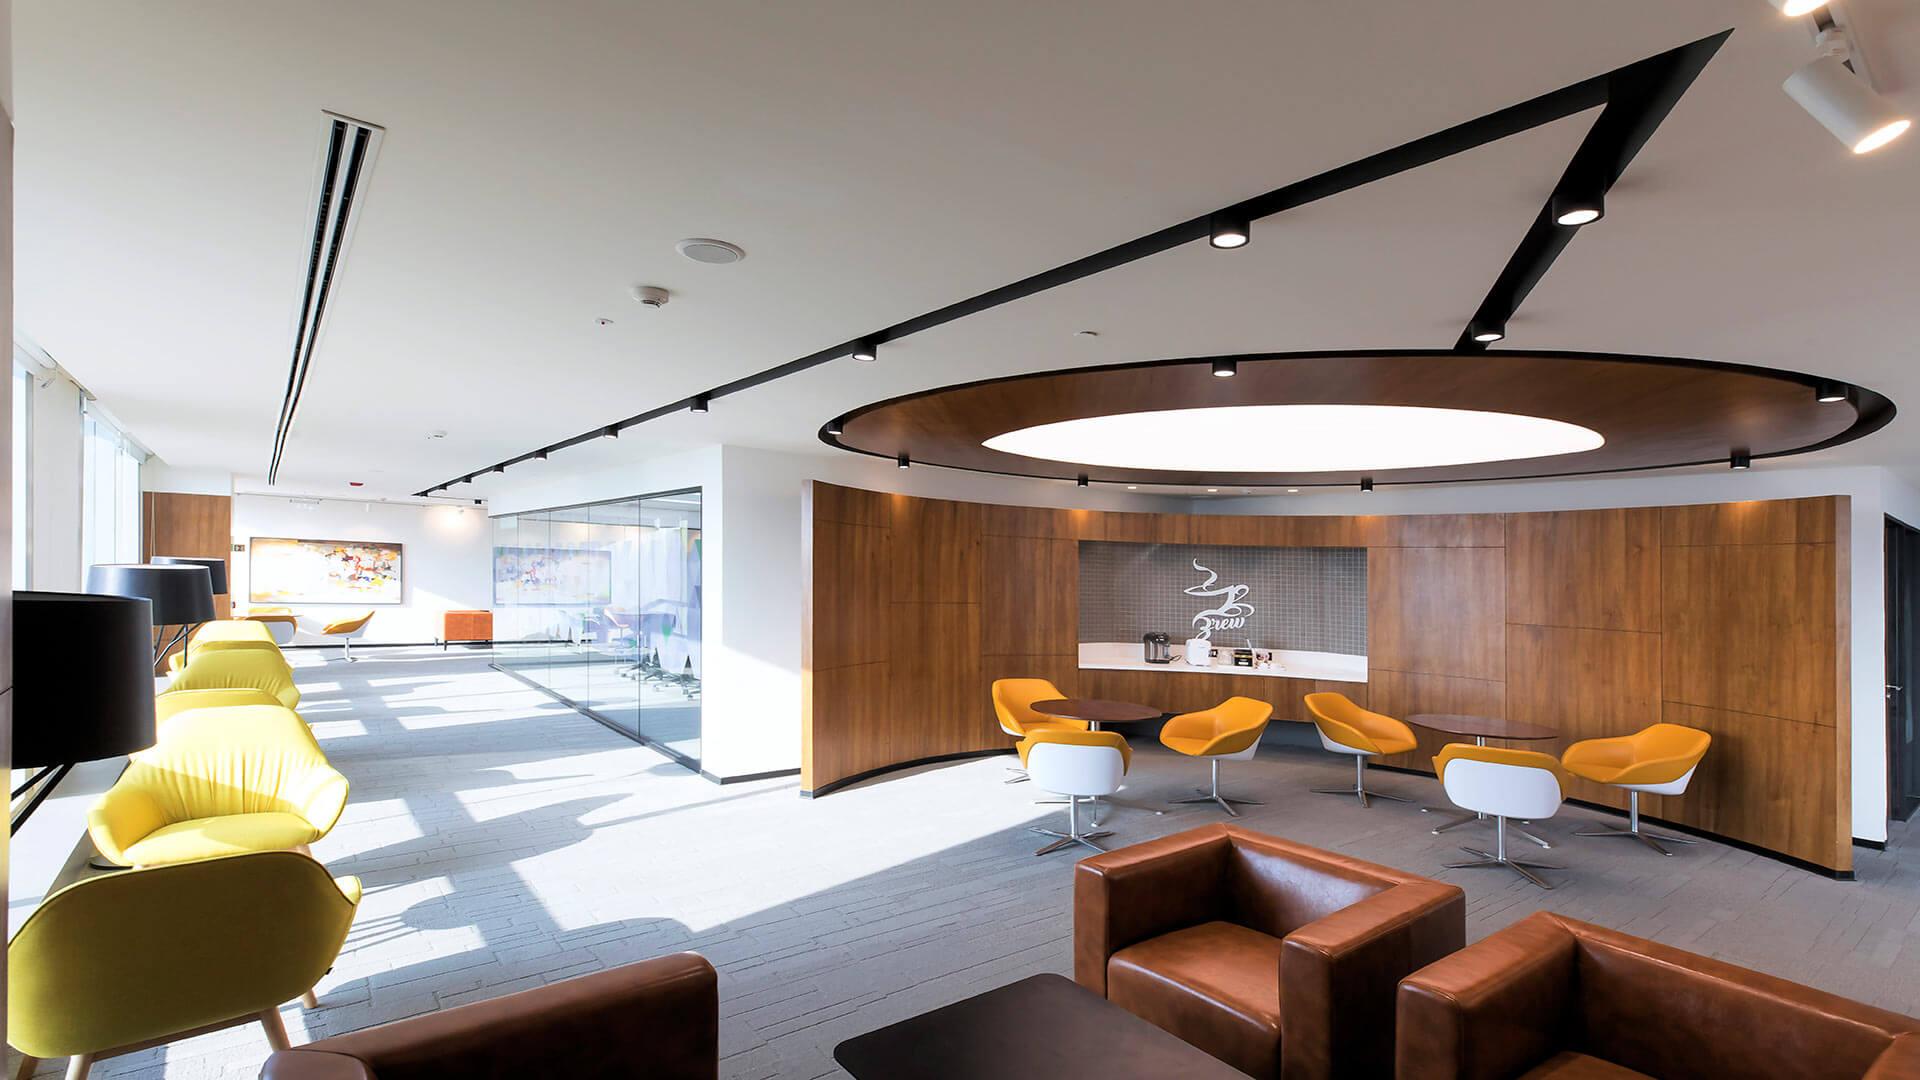 Deloitte_Interiors_03